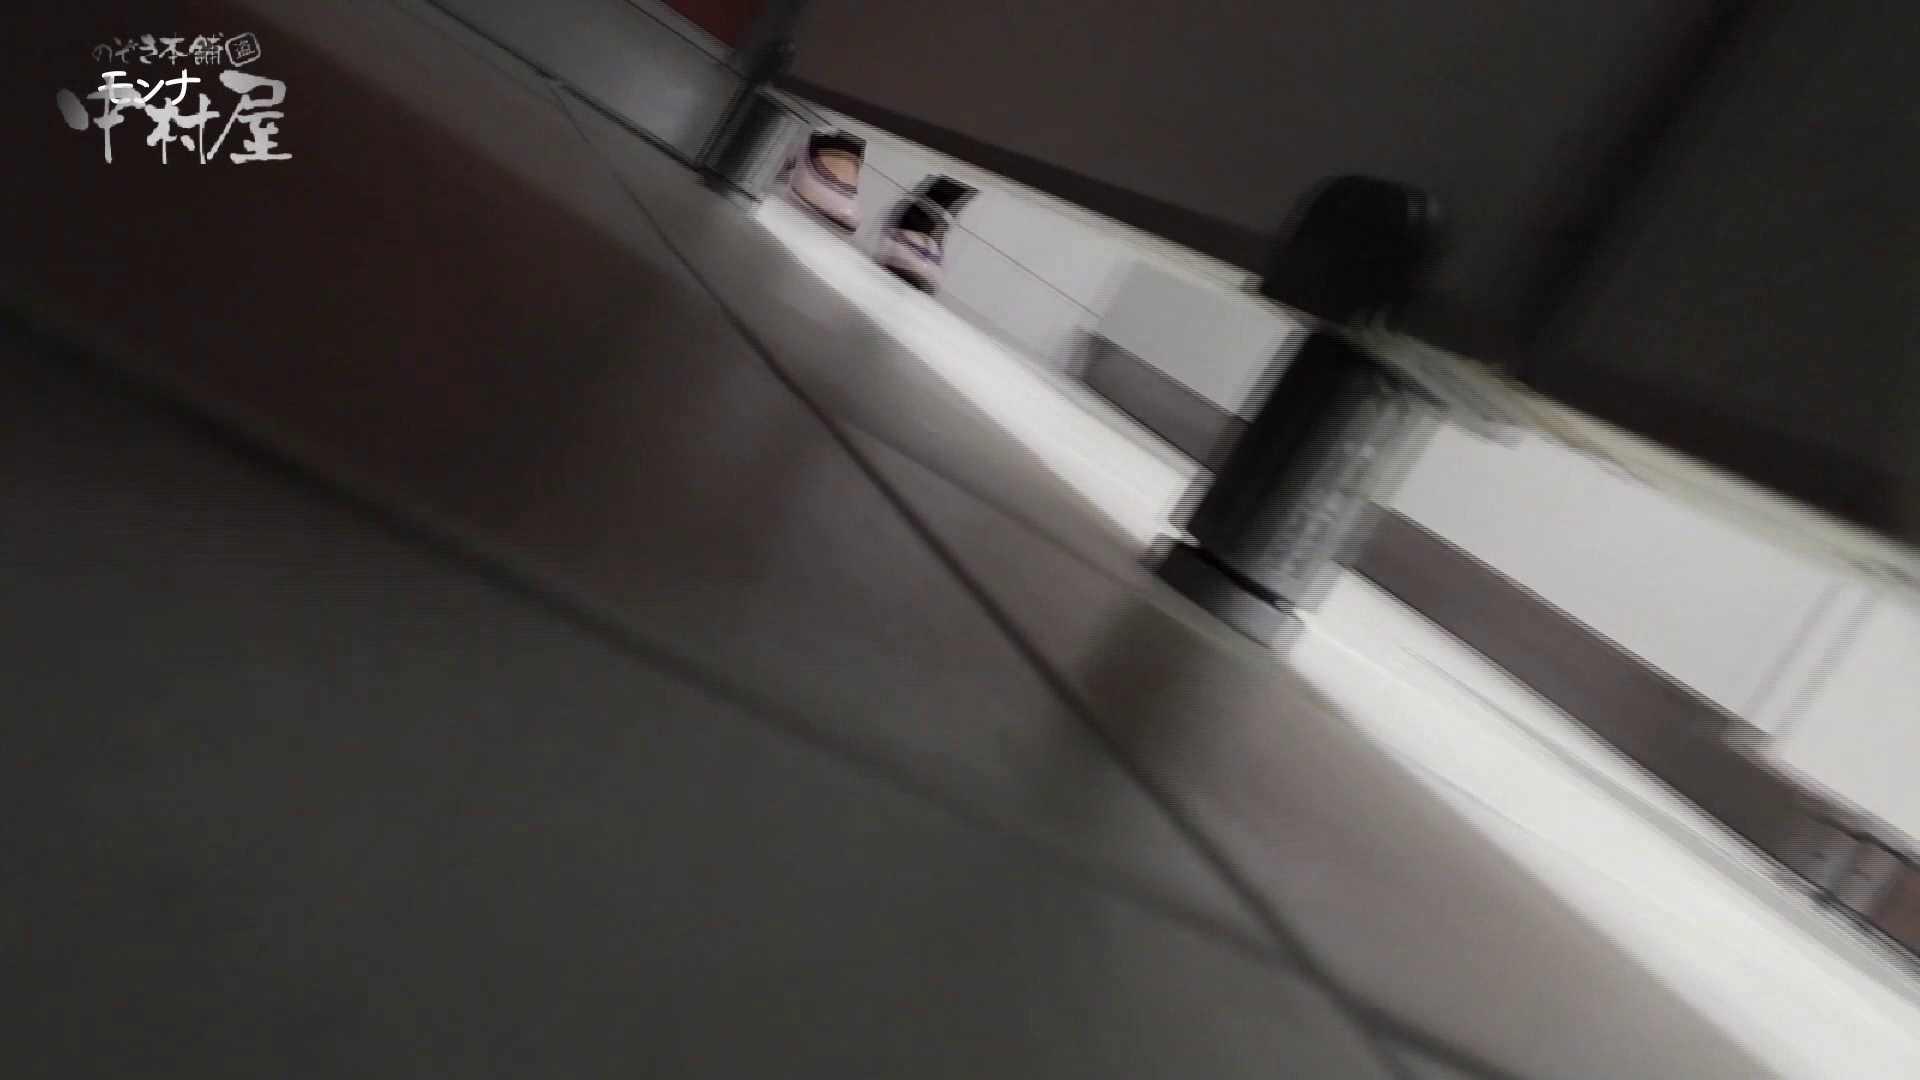 美しい日本の未来 No.44 感動作2前編 女性トイレ  112pic 76